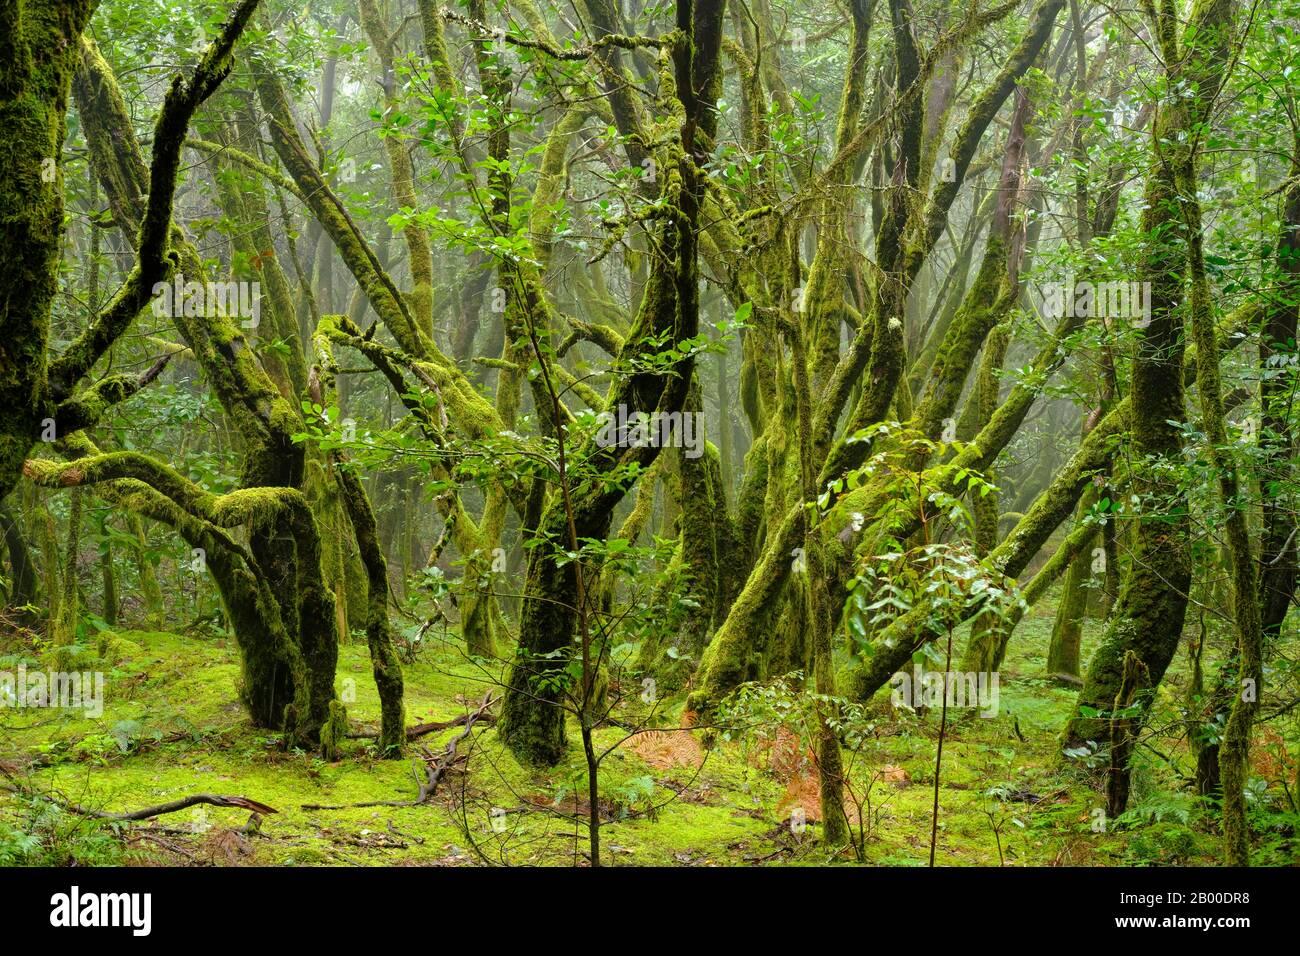 Arbres couverts de Moss dans la forêt nuageuse, parc national de Garajonay, la Gomera, îles Canaries, Espagne Banque D'Images